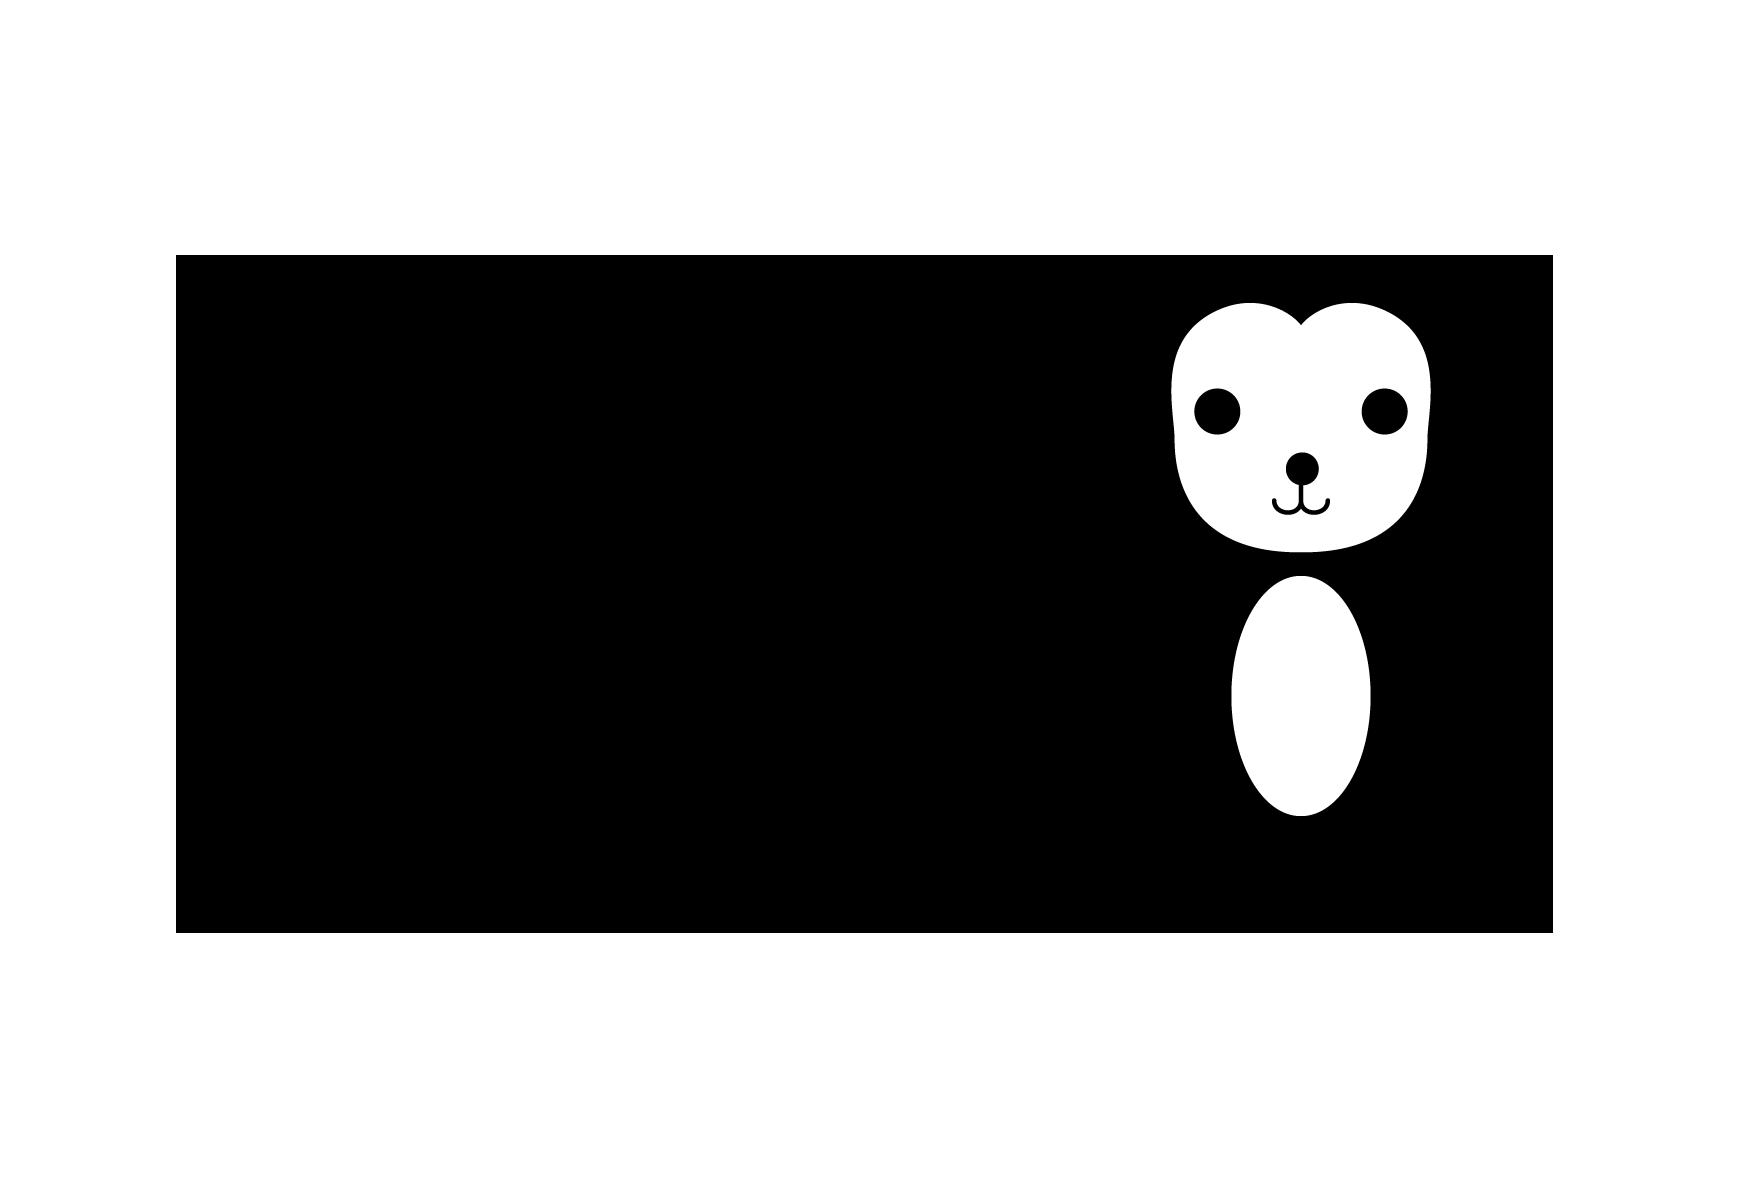 年賀状-白黒テンプレート(猿) <無料> | イラストk